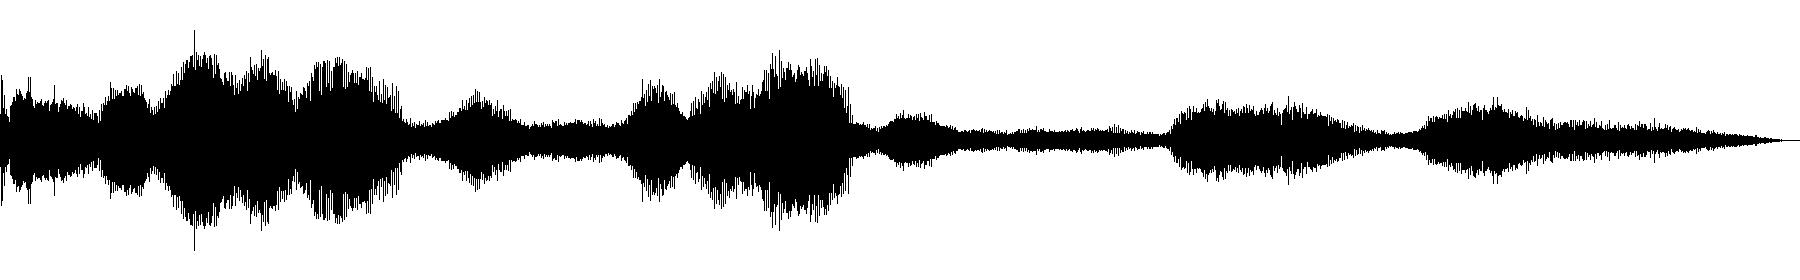 bluezone xworld sound 004